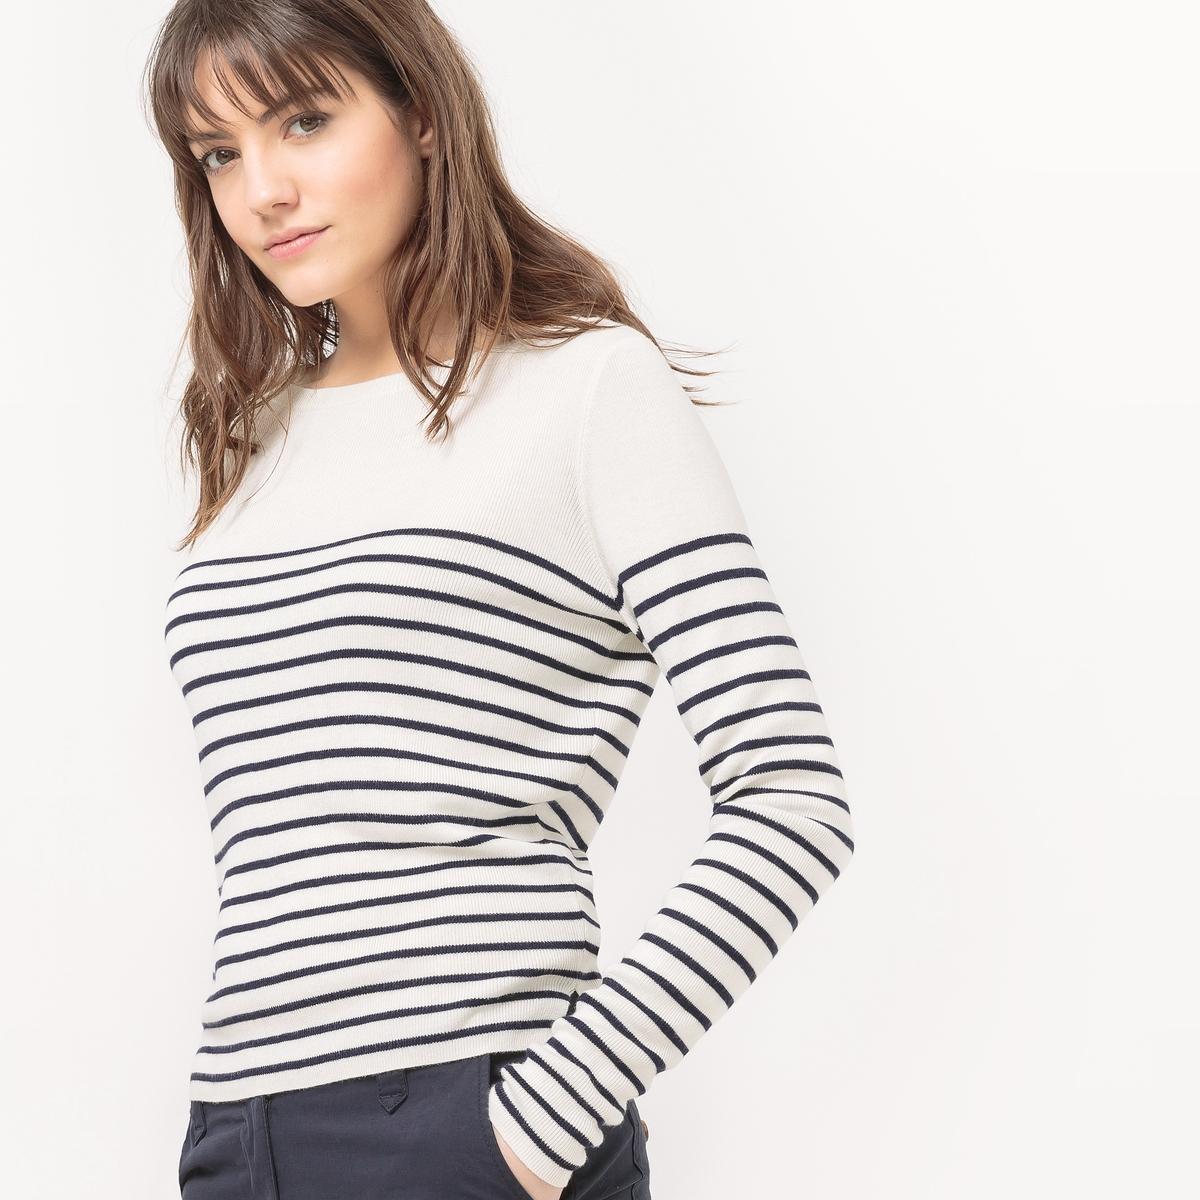 Пуловер в полоску в морском стилеМатериал : 80% вискозы, 20% полиамида Длина рукава : длинные рукава Форма воротника : круглый вырез Покрой пуловера : стандартный Рисунок : в полоску<br><br>Цвет: в полоску белый/темно-синий<br>Размер: L